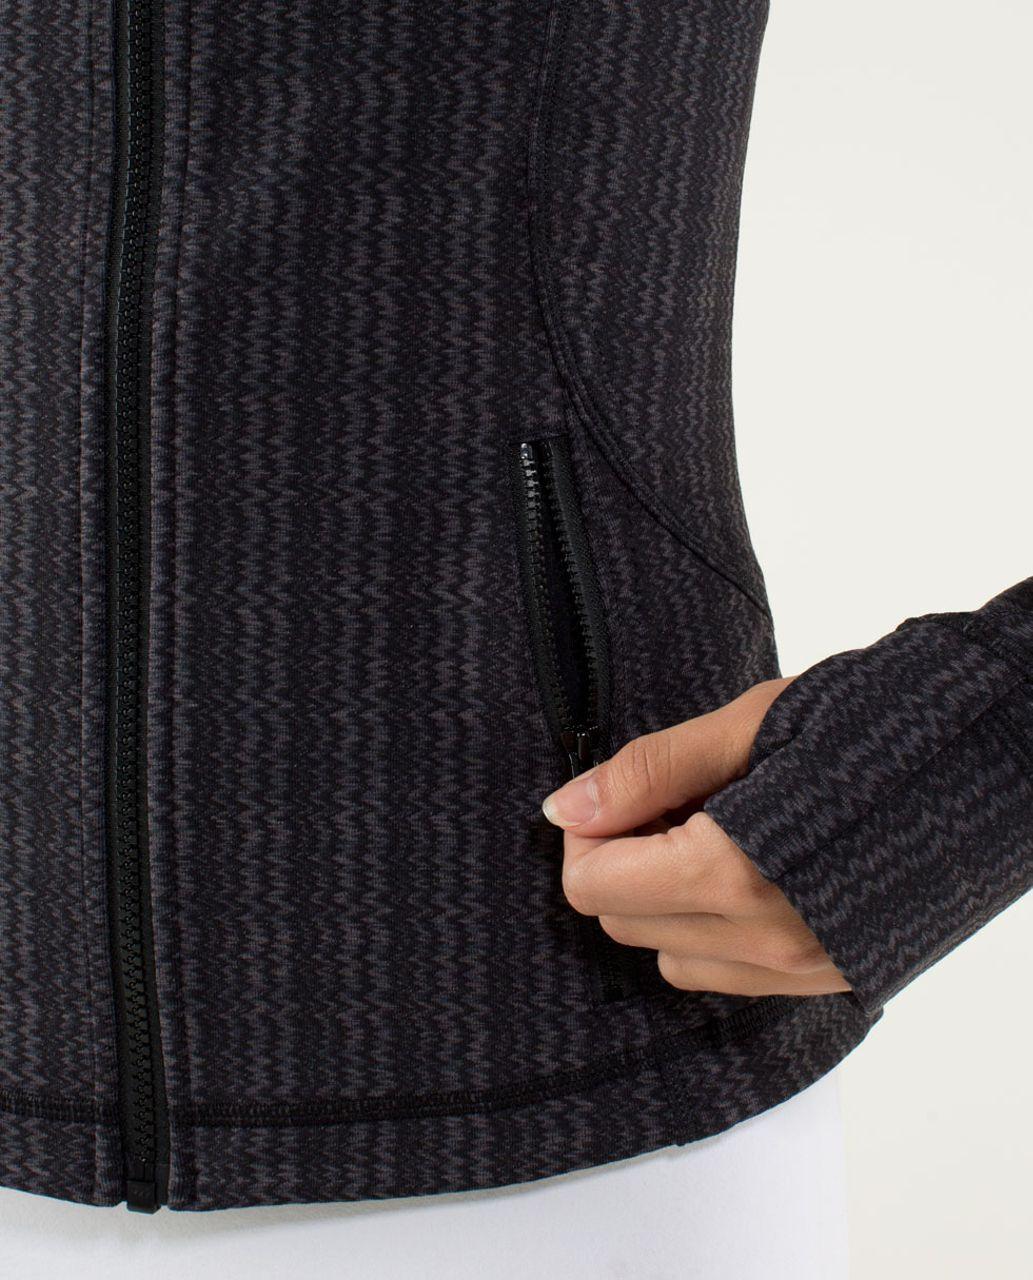 Lululemon Forme Jacket *Cuffins - Ziggy Wee September Black